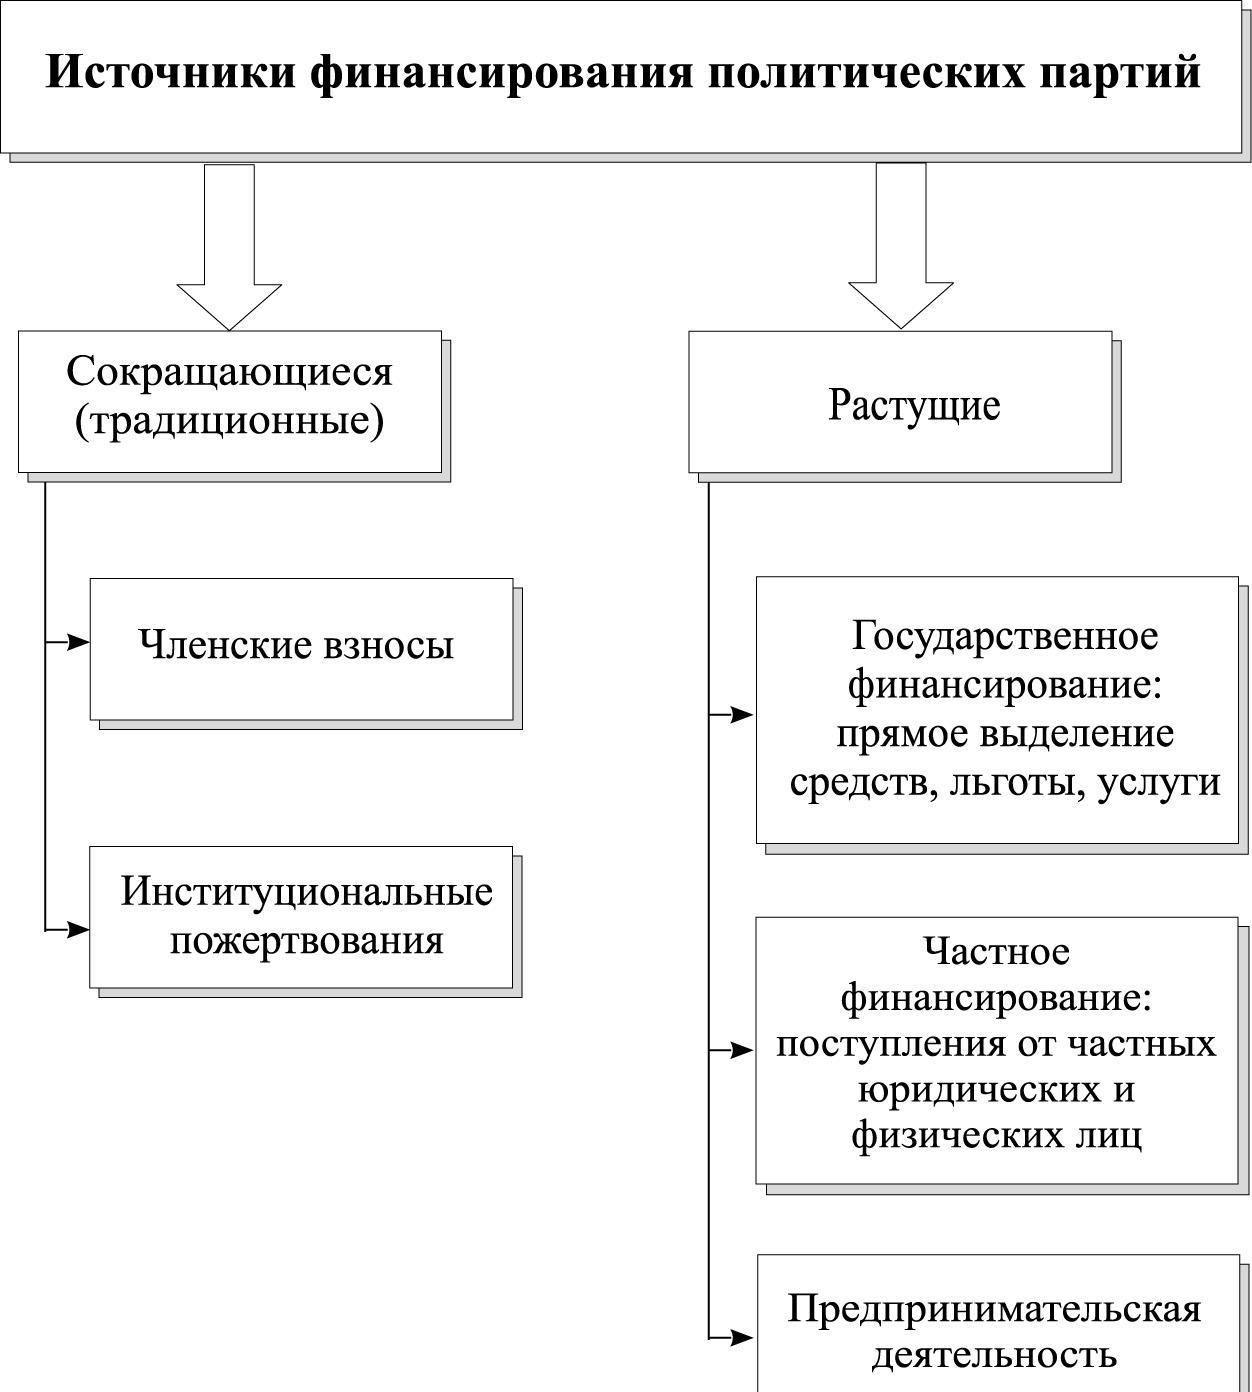 Источники финансирования российских политических партий